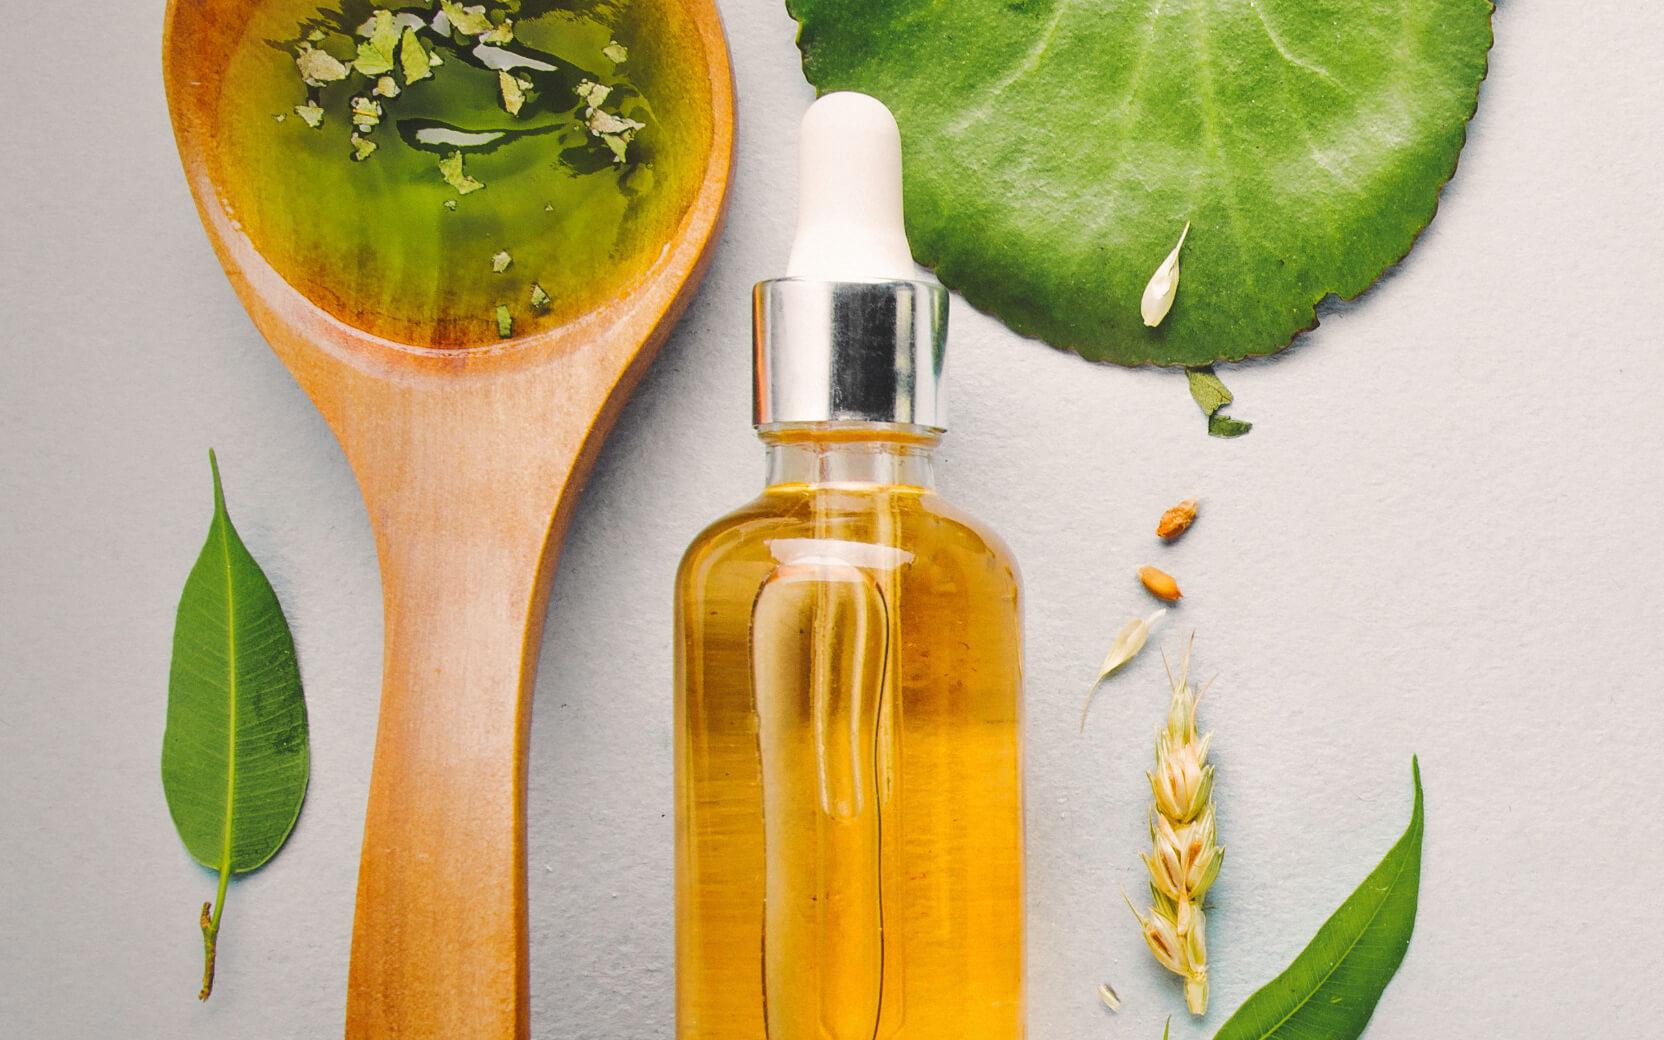 Produktfoto von einem Beauty-Öl und Löffel